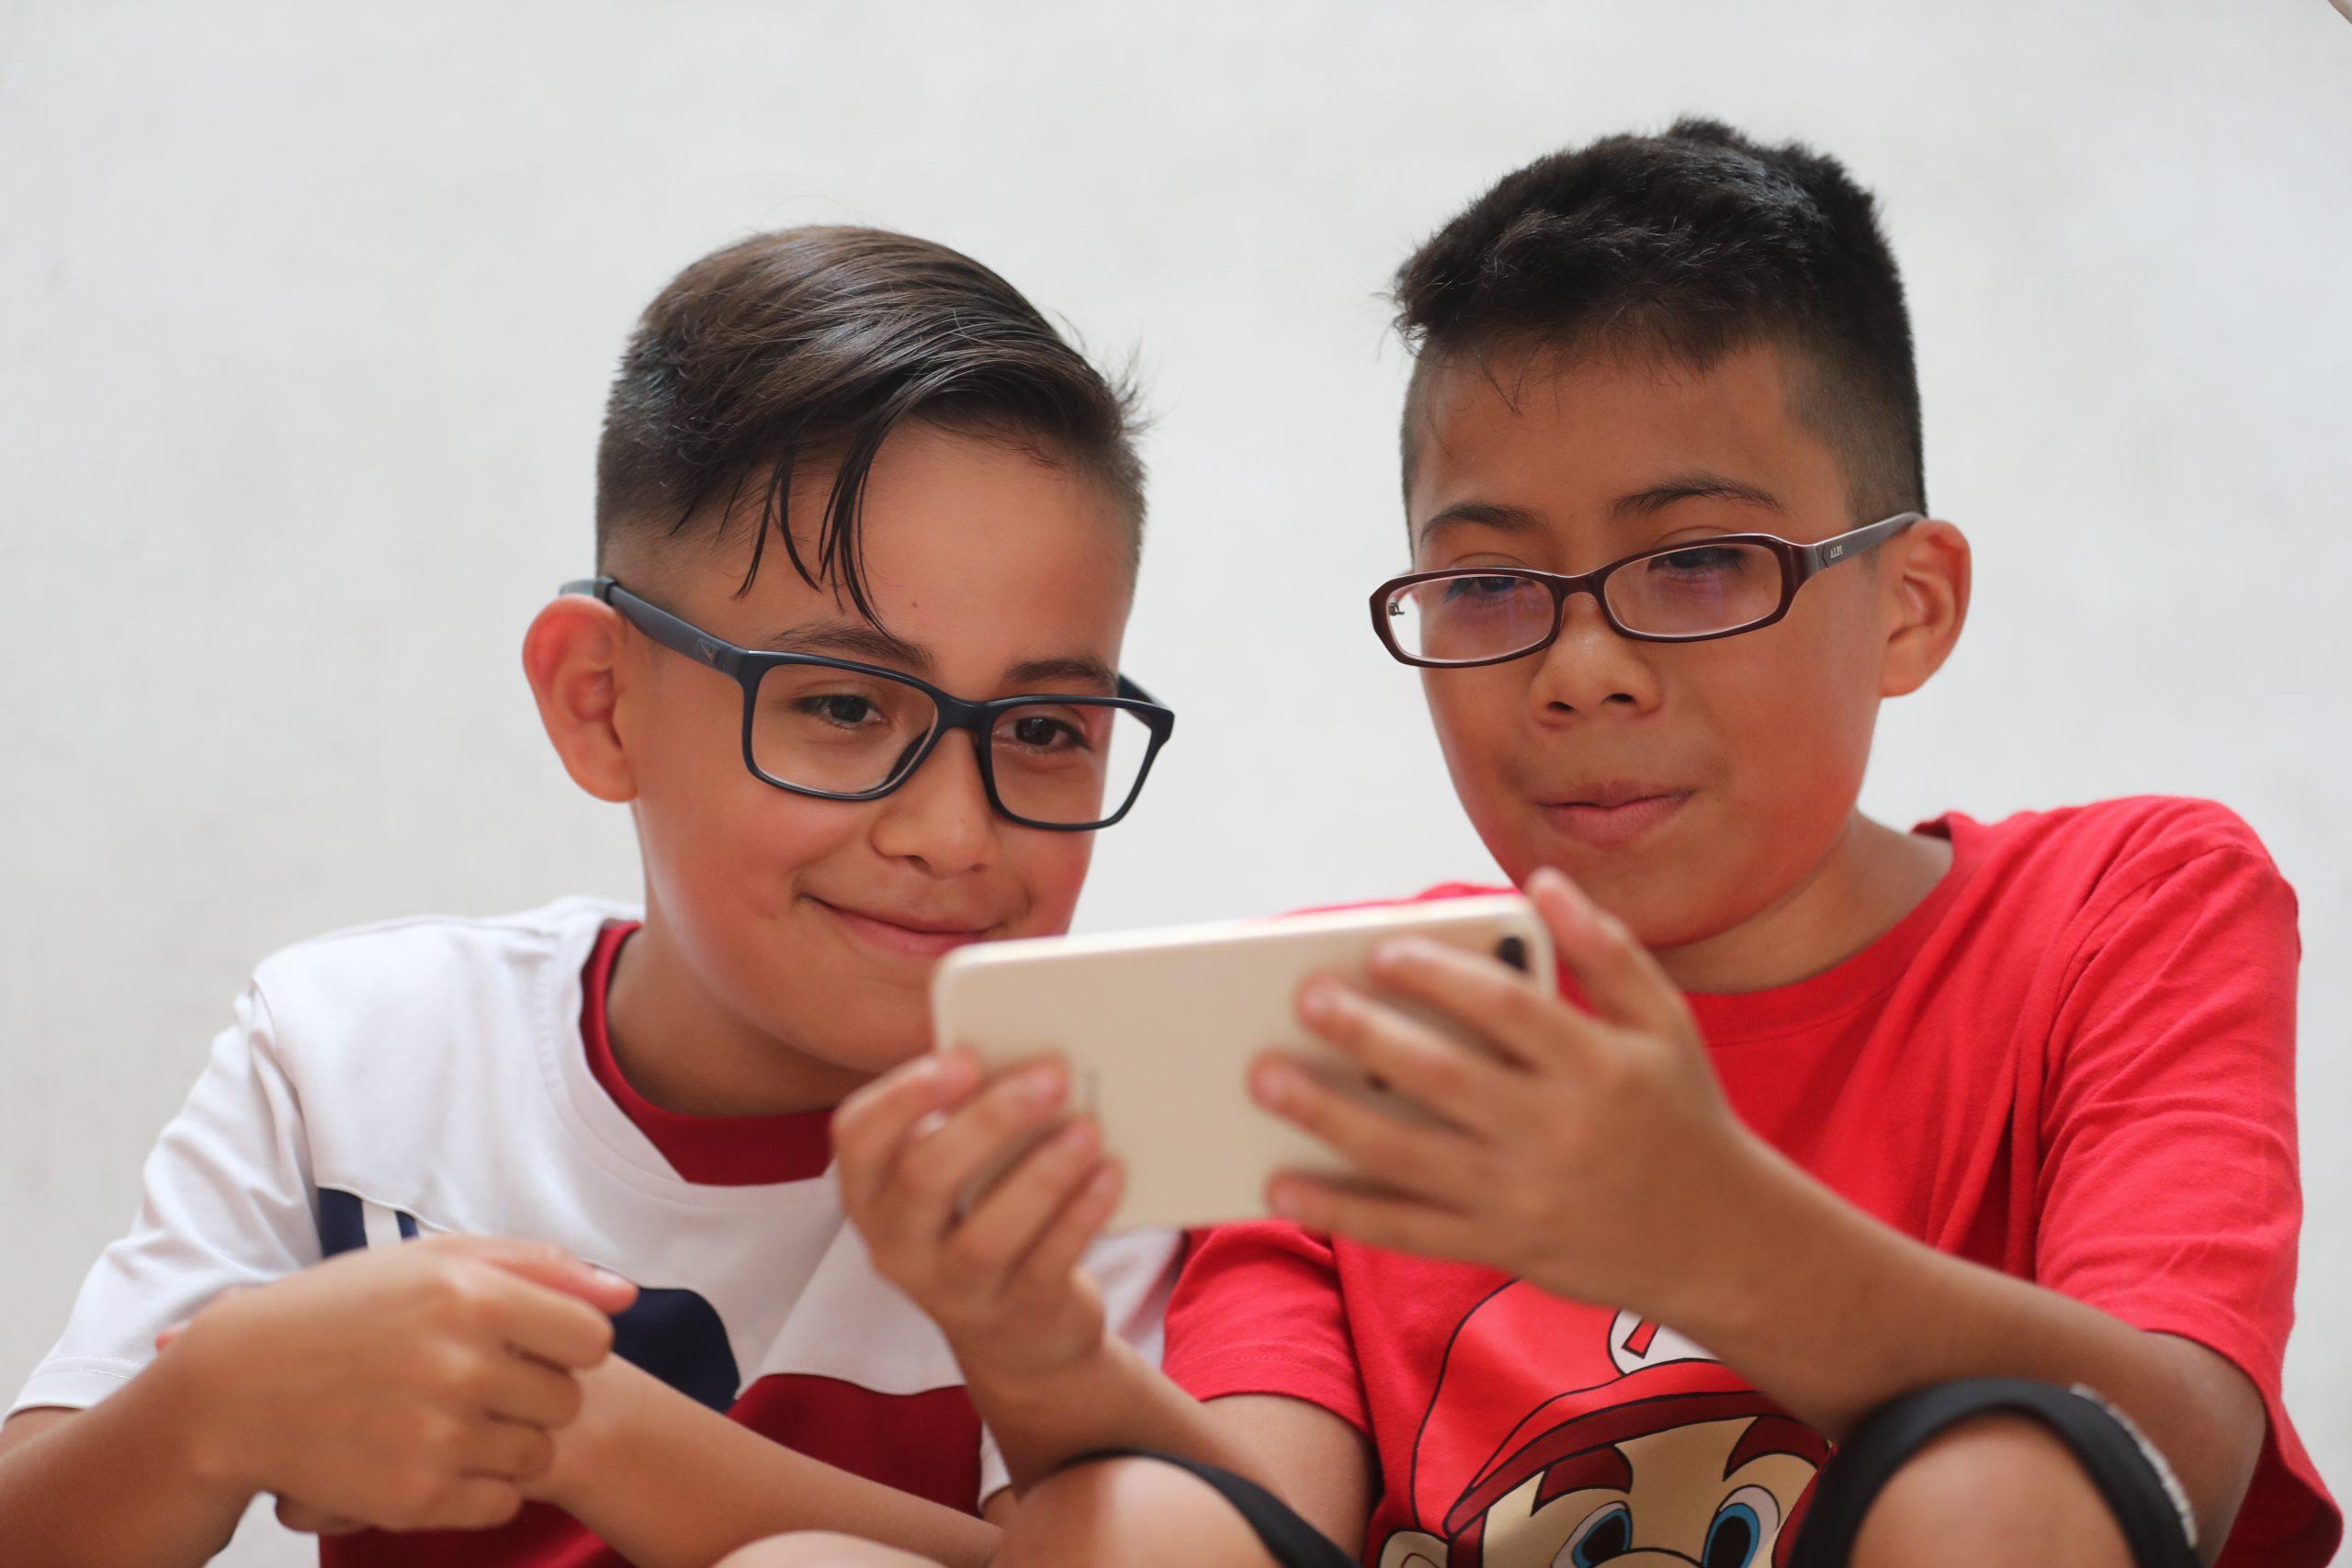 Aumento de casos de miopía y cataratas en niños por uso excesivo de dispositivos durante pandemia - Prensa Libre